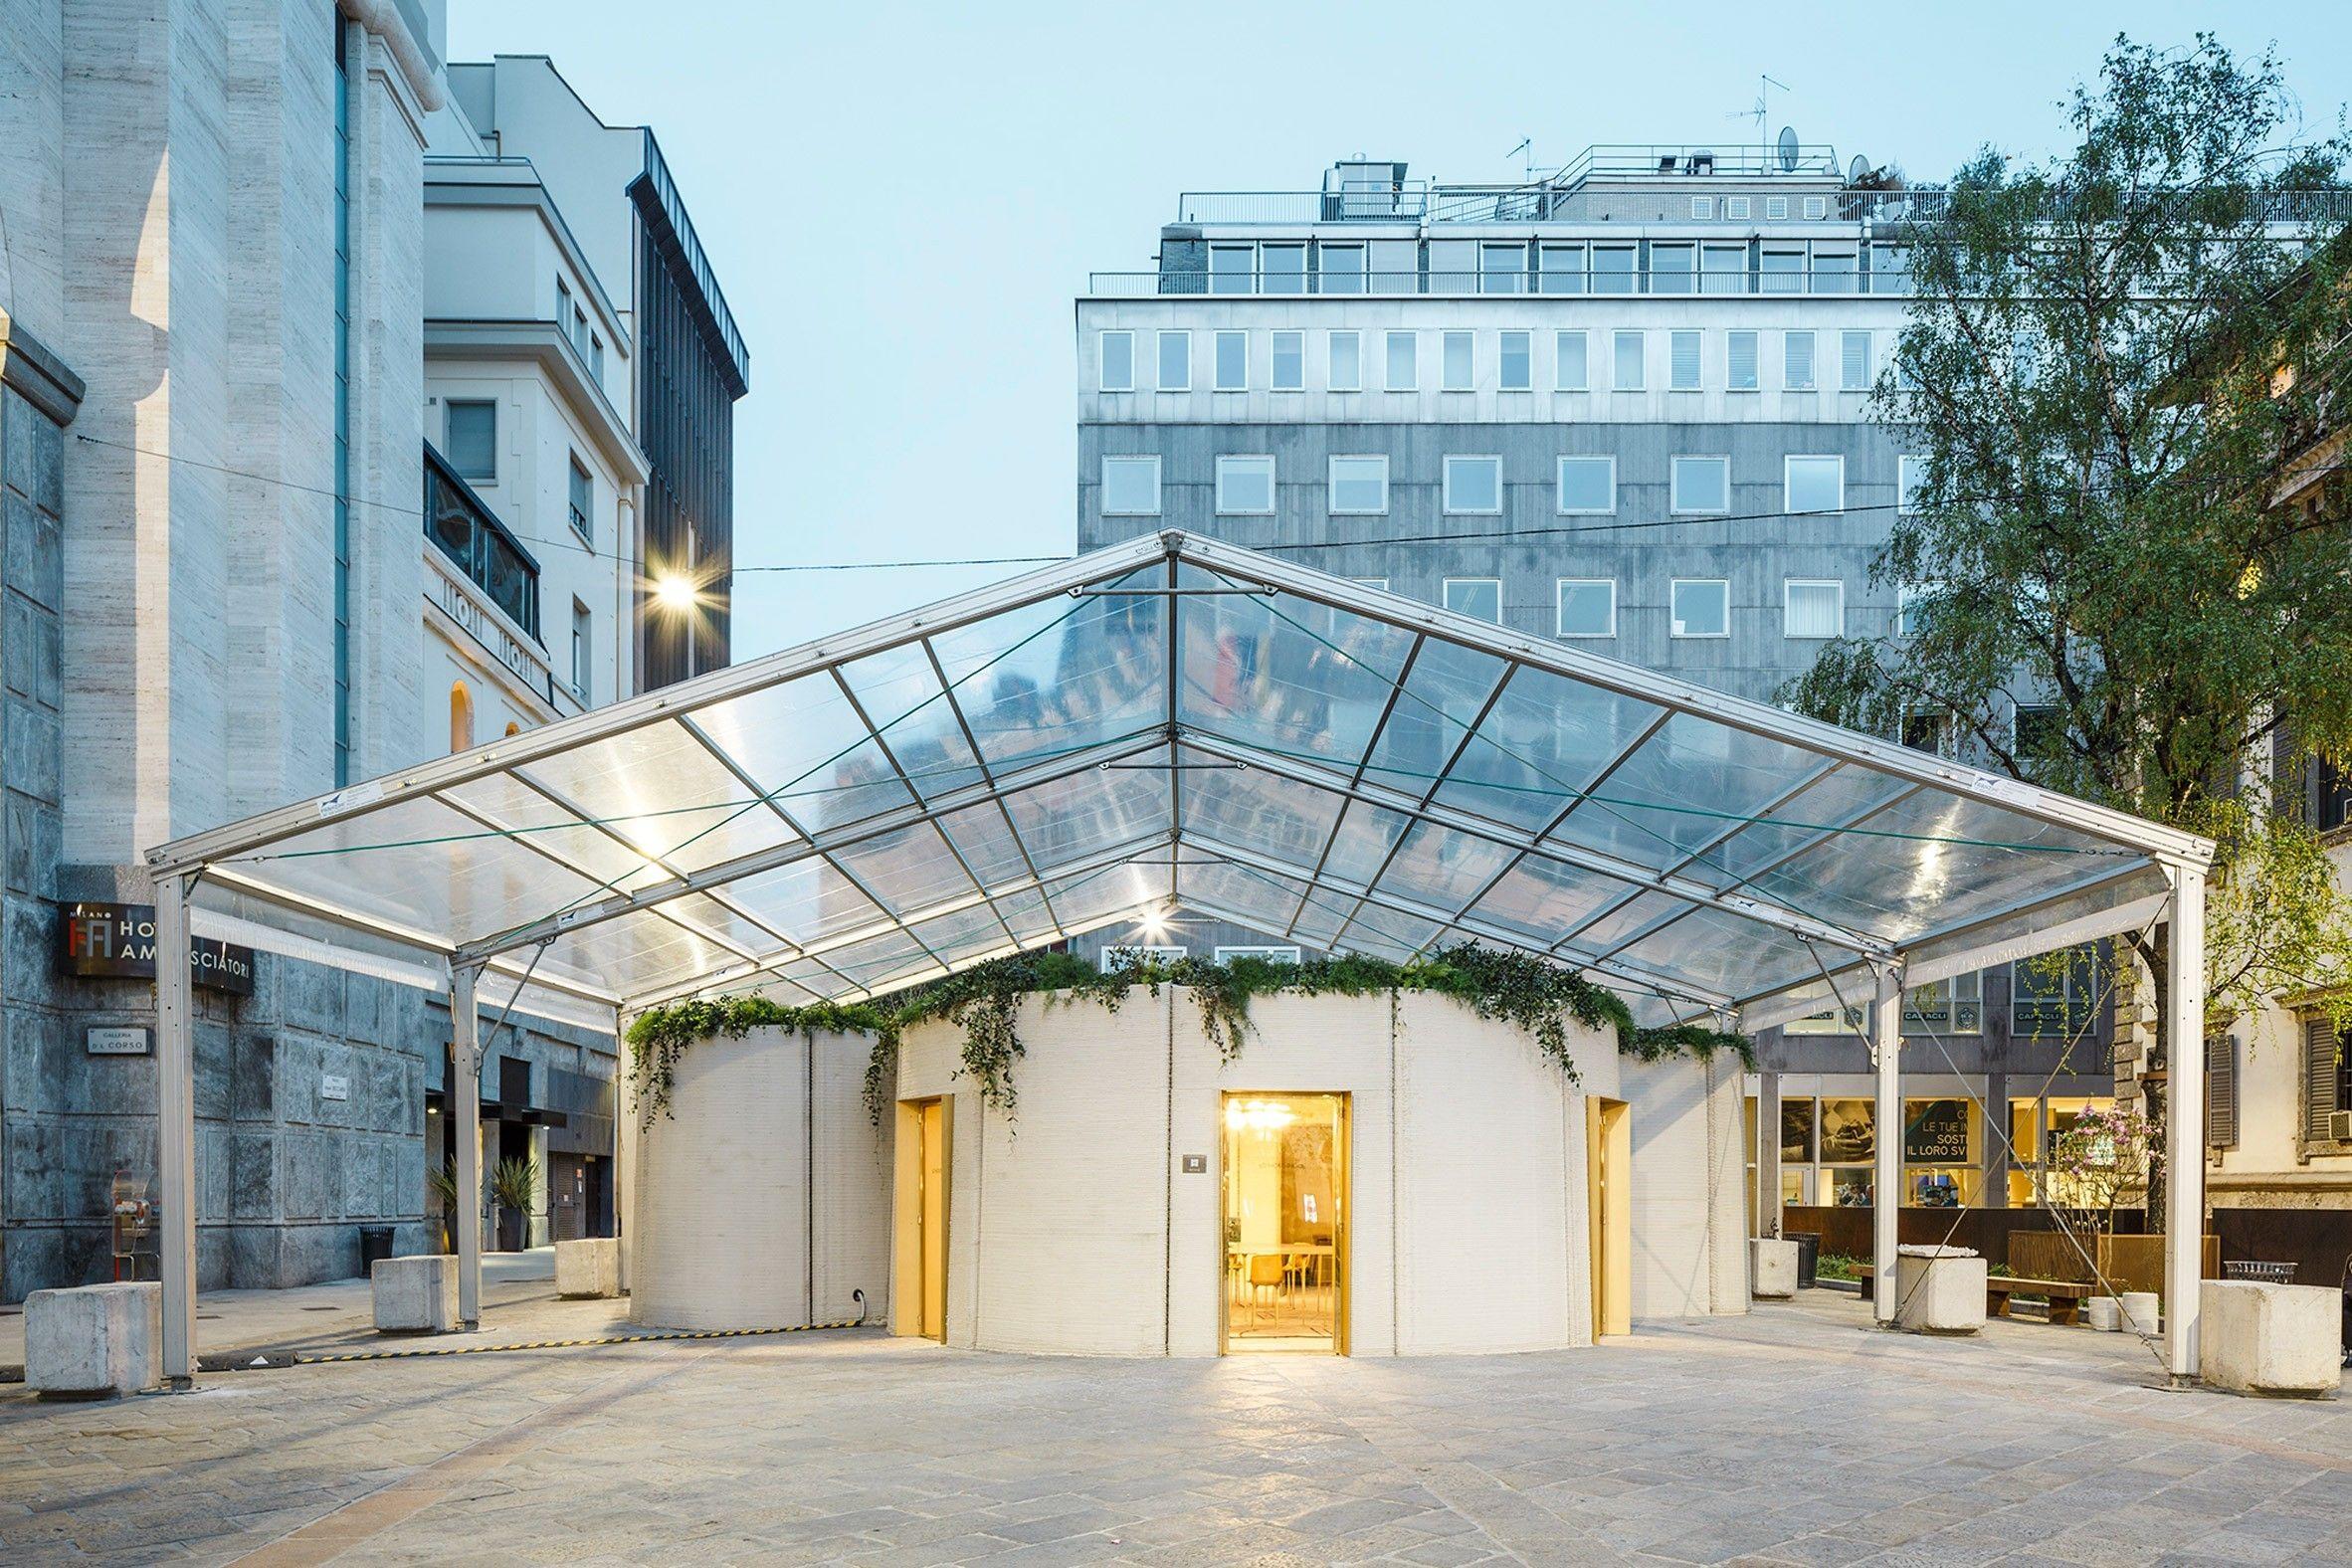 Verzauberkunst Moderne Wände Galerie Von 3 D Wände- Zukunftsweisende Inneneinrichtung Von Massimiliano